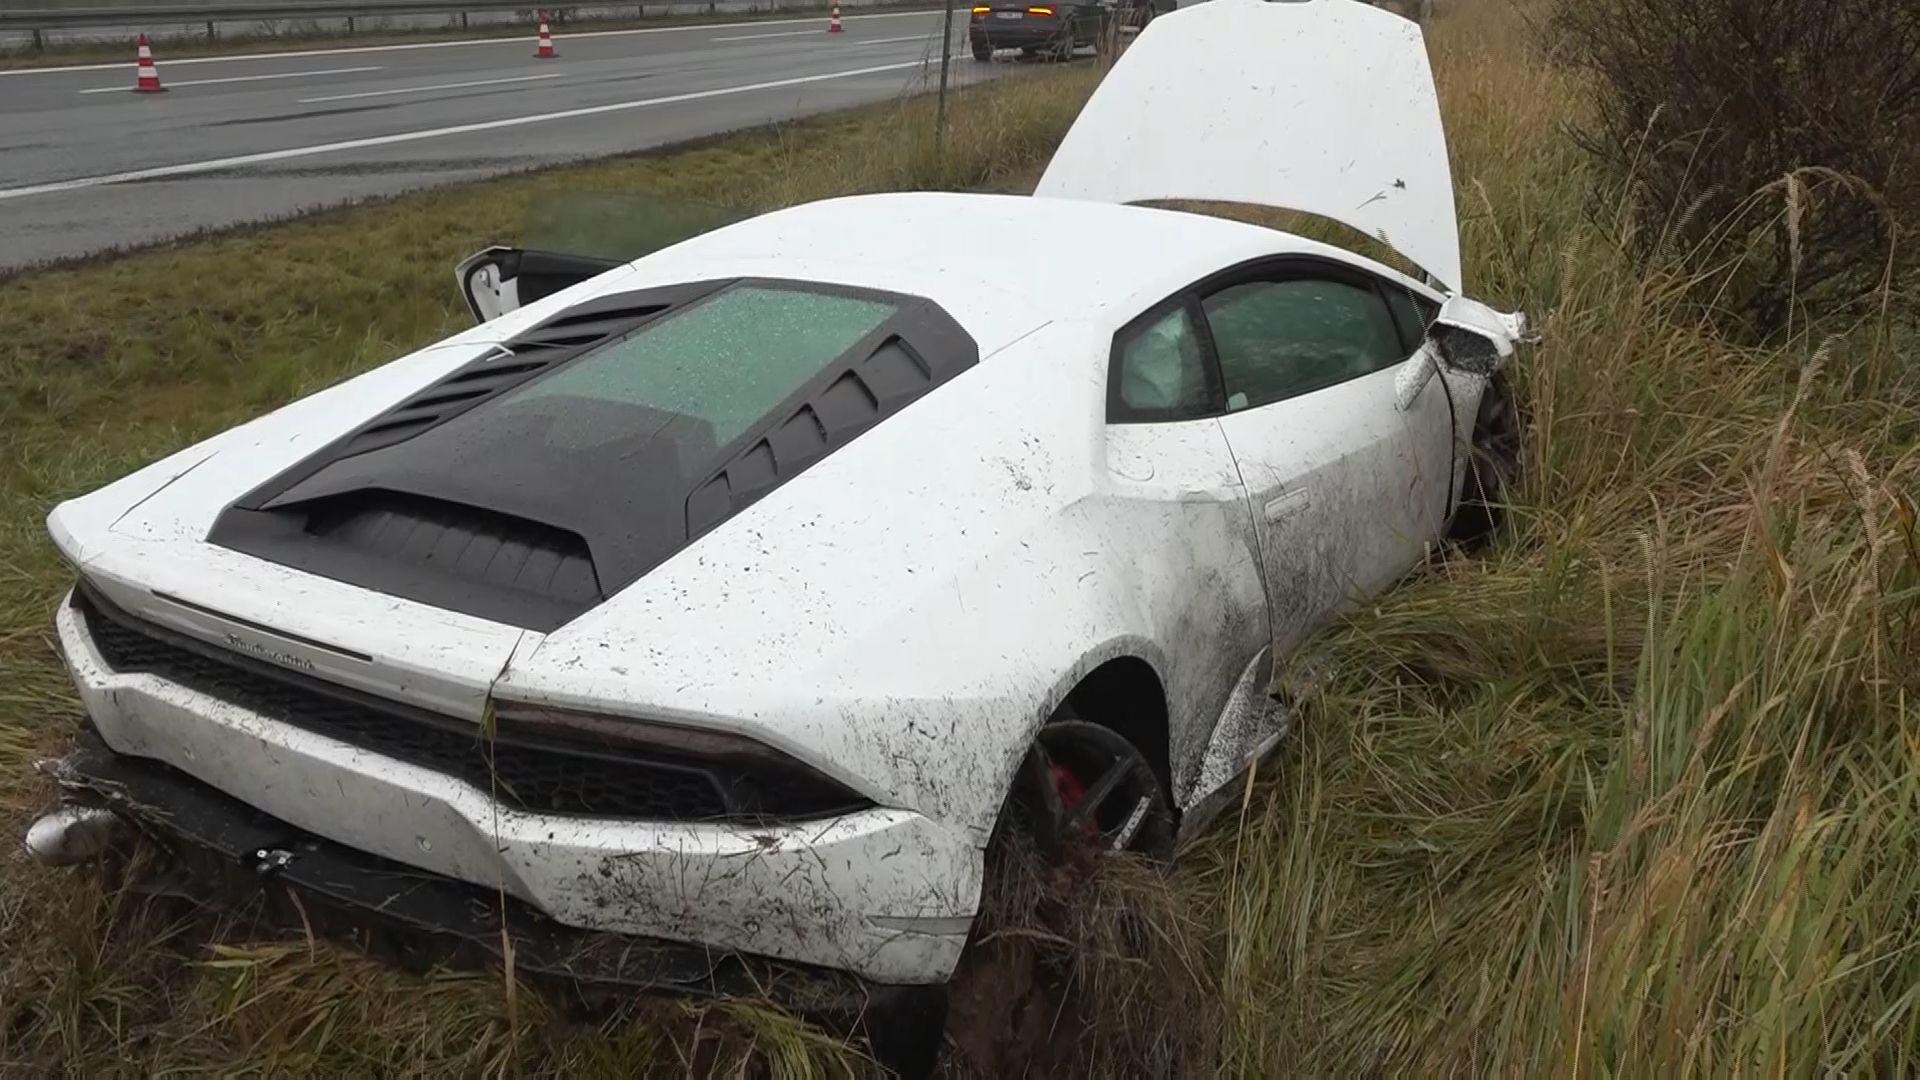 Lamborghinifahrerin verliert auf regennasser Straße die Kontrolle über ihren Wagen und kollidiert mit Audi